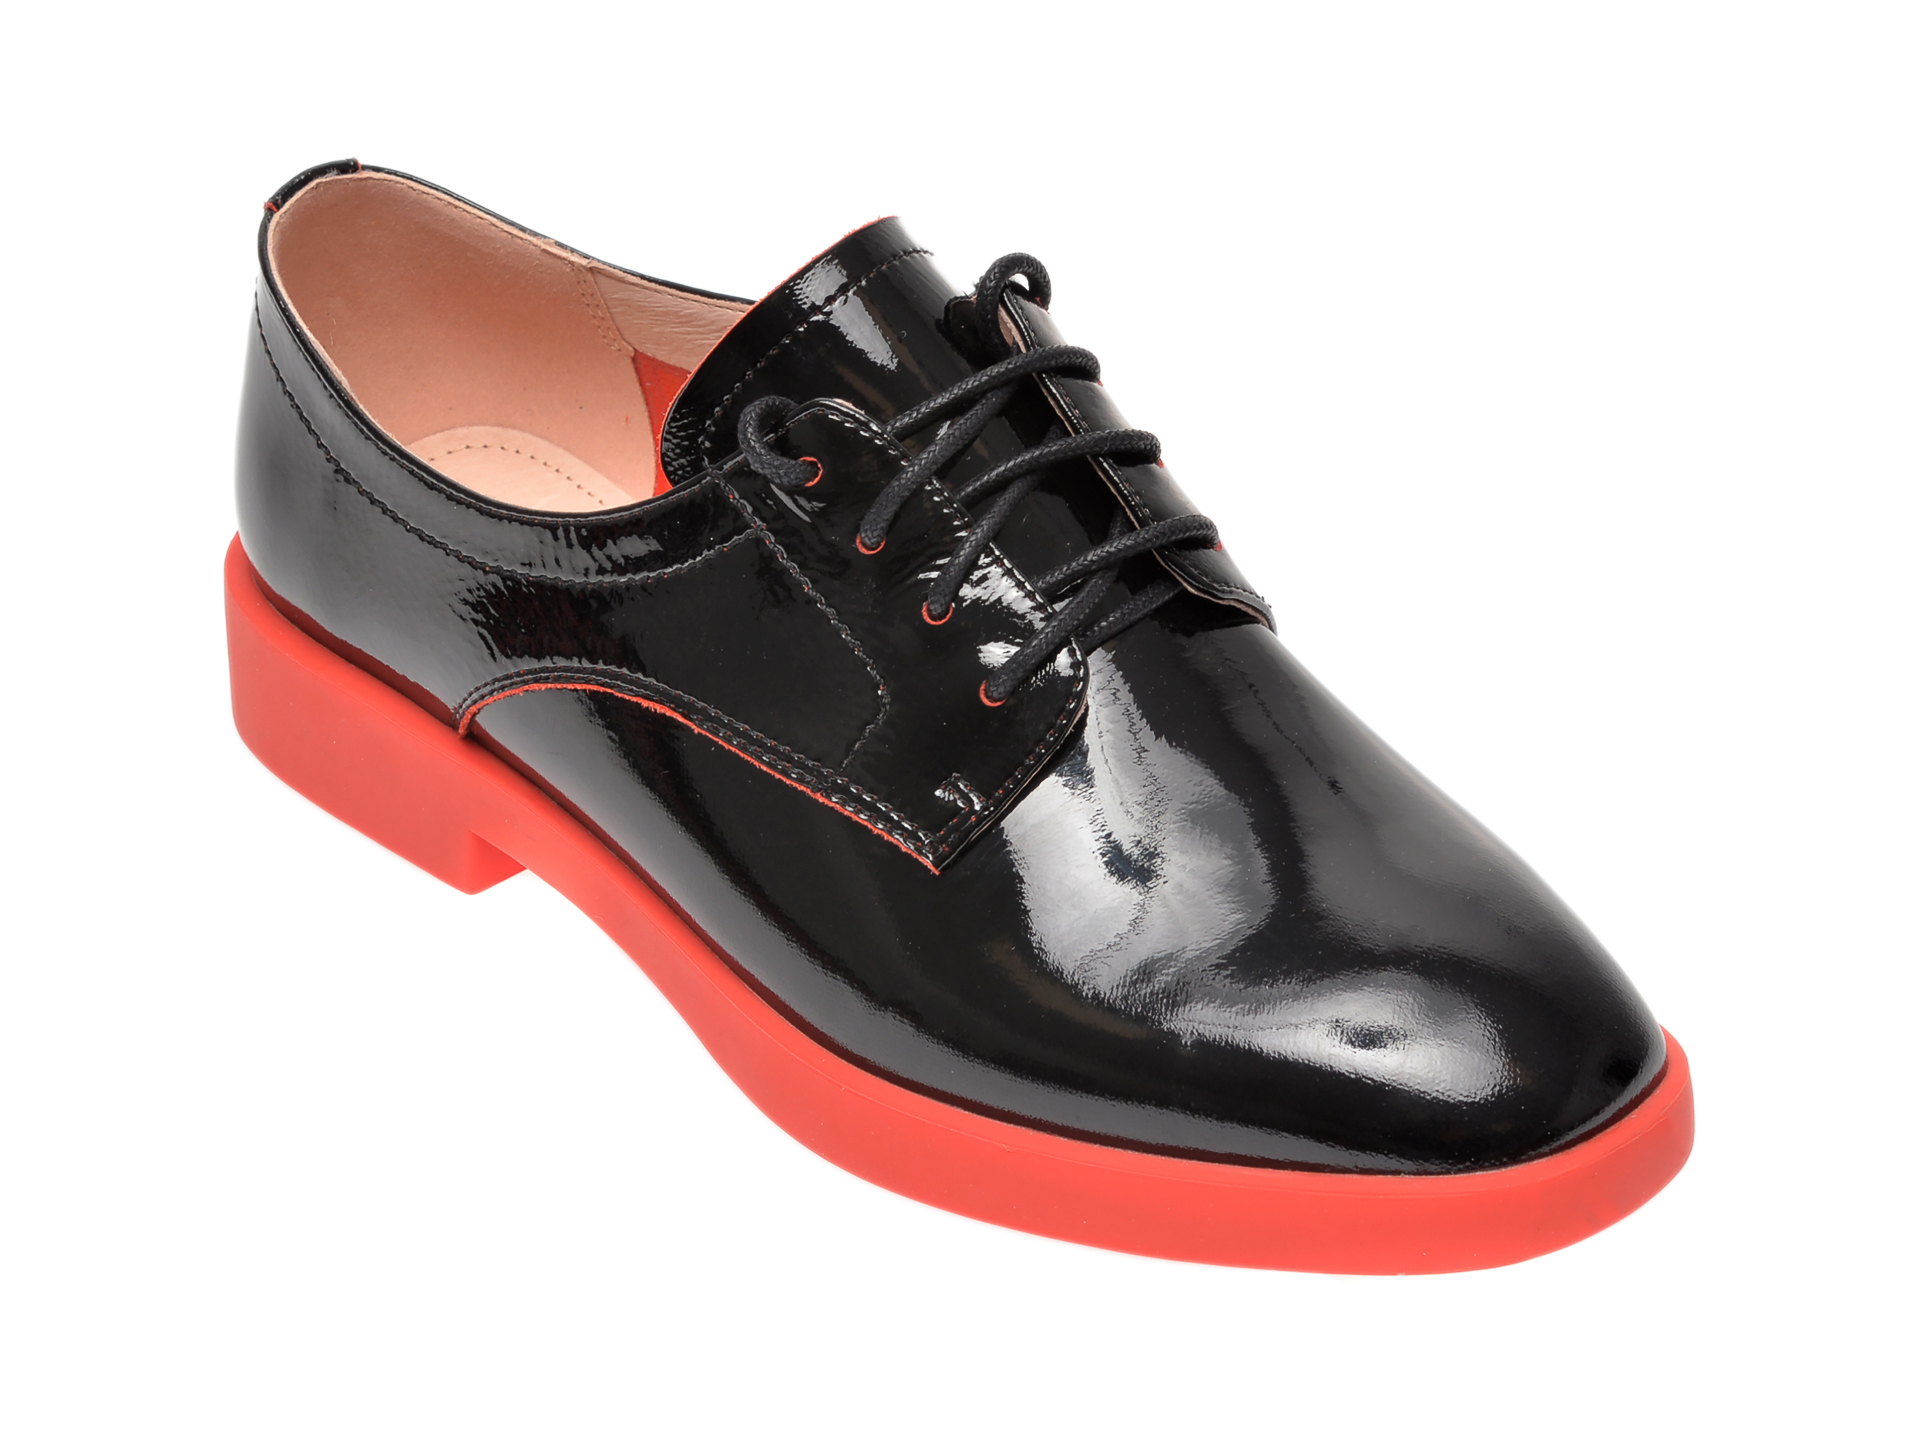 Pantofi FLAVIA PASSINI negri, FH92227, din piele naturala lacuita imagine